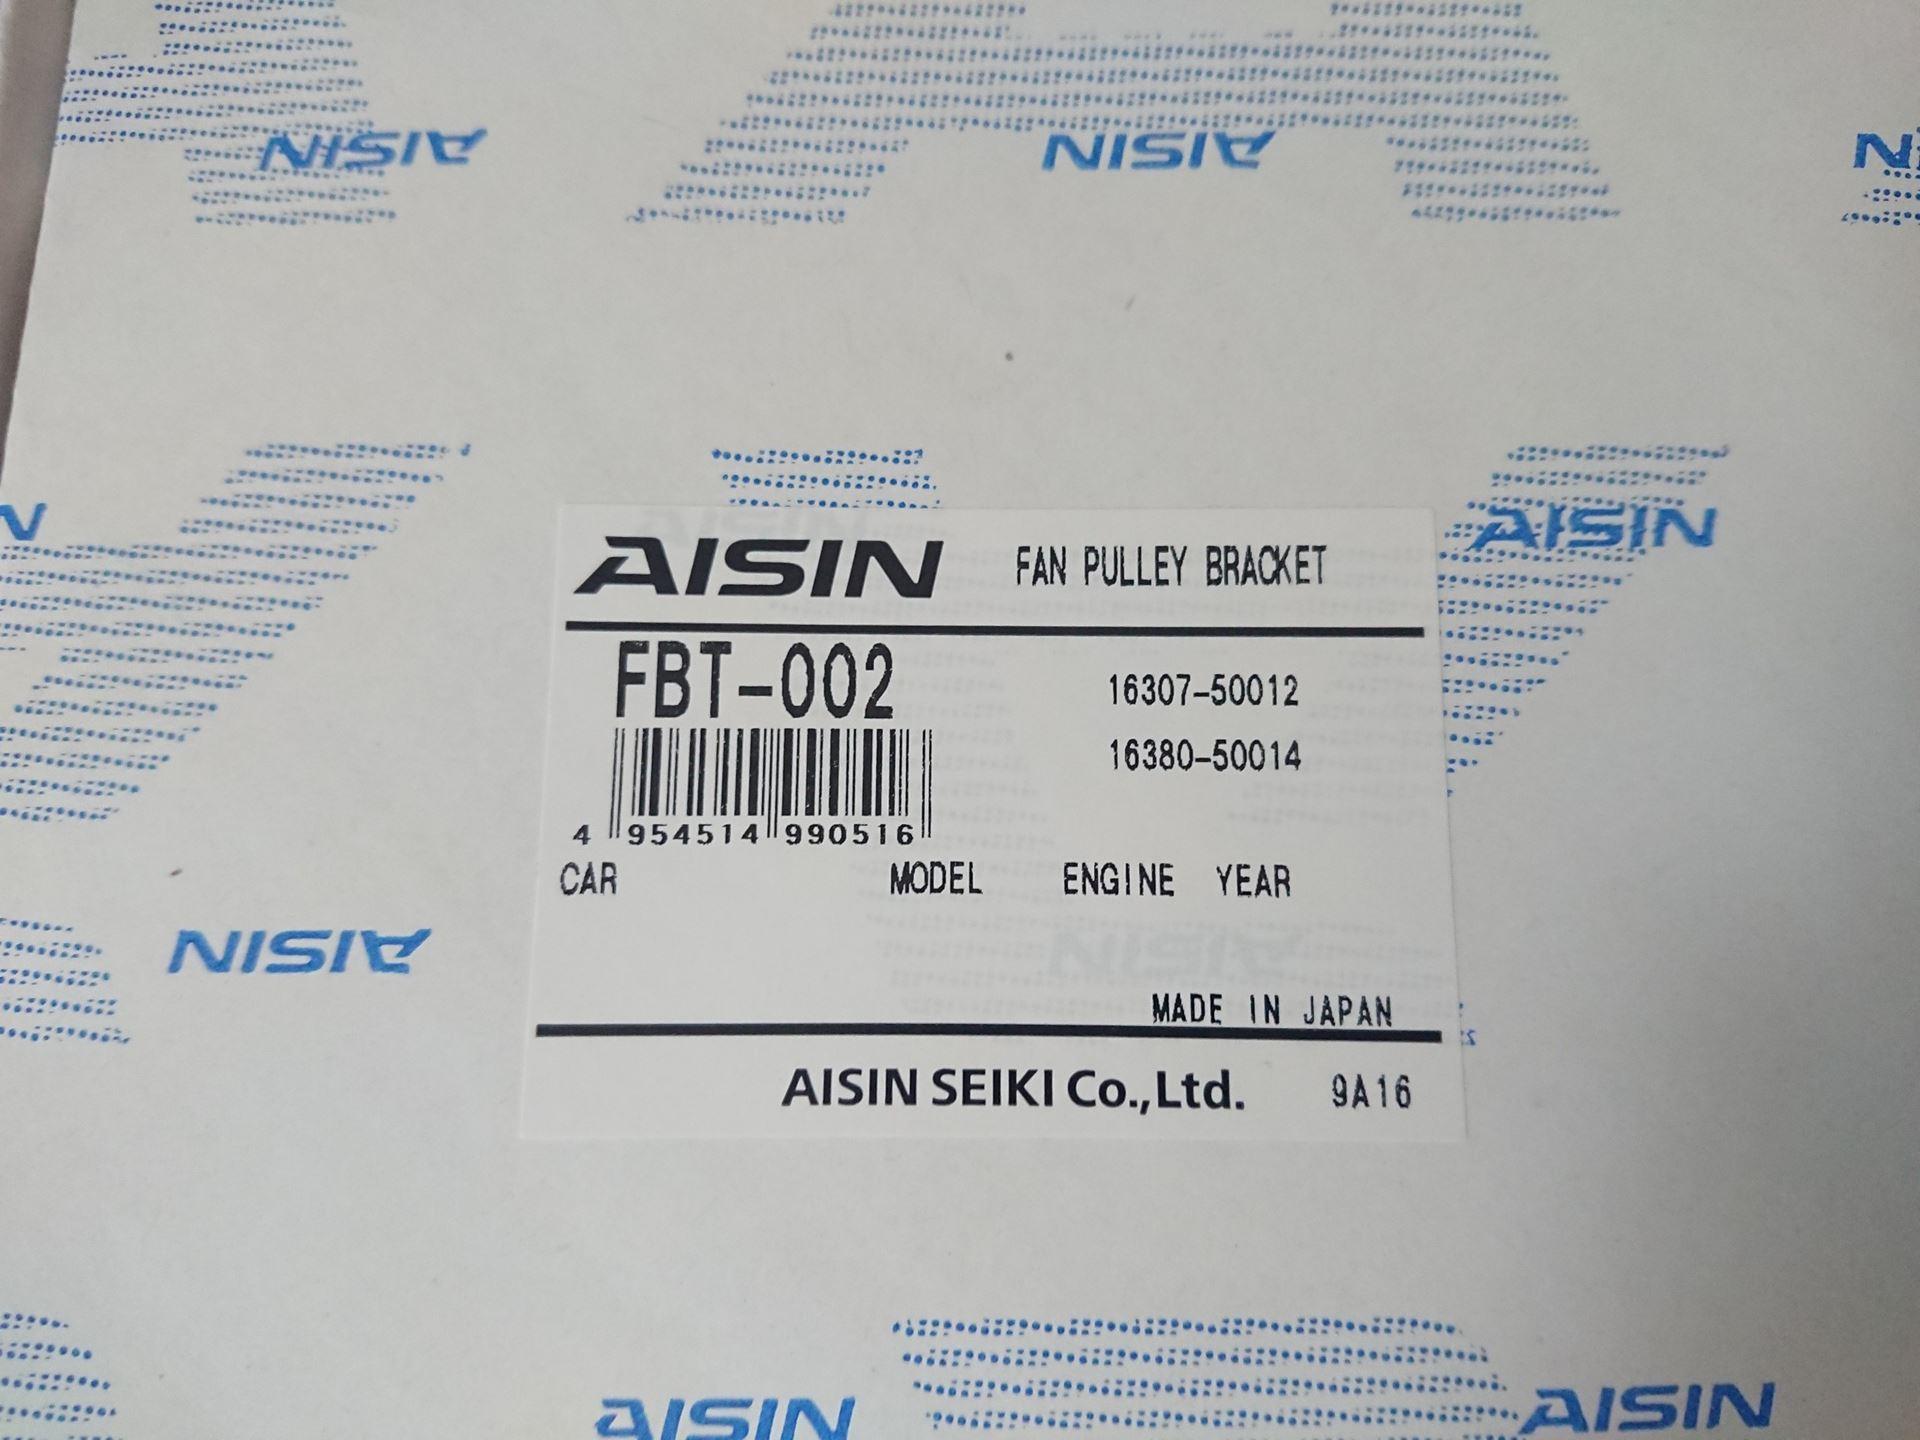 Picture of FBT-002 Giá bắt li tâm Lexus GX470, LX470 động cơ 2UZ giá tốt